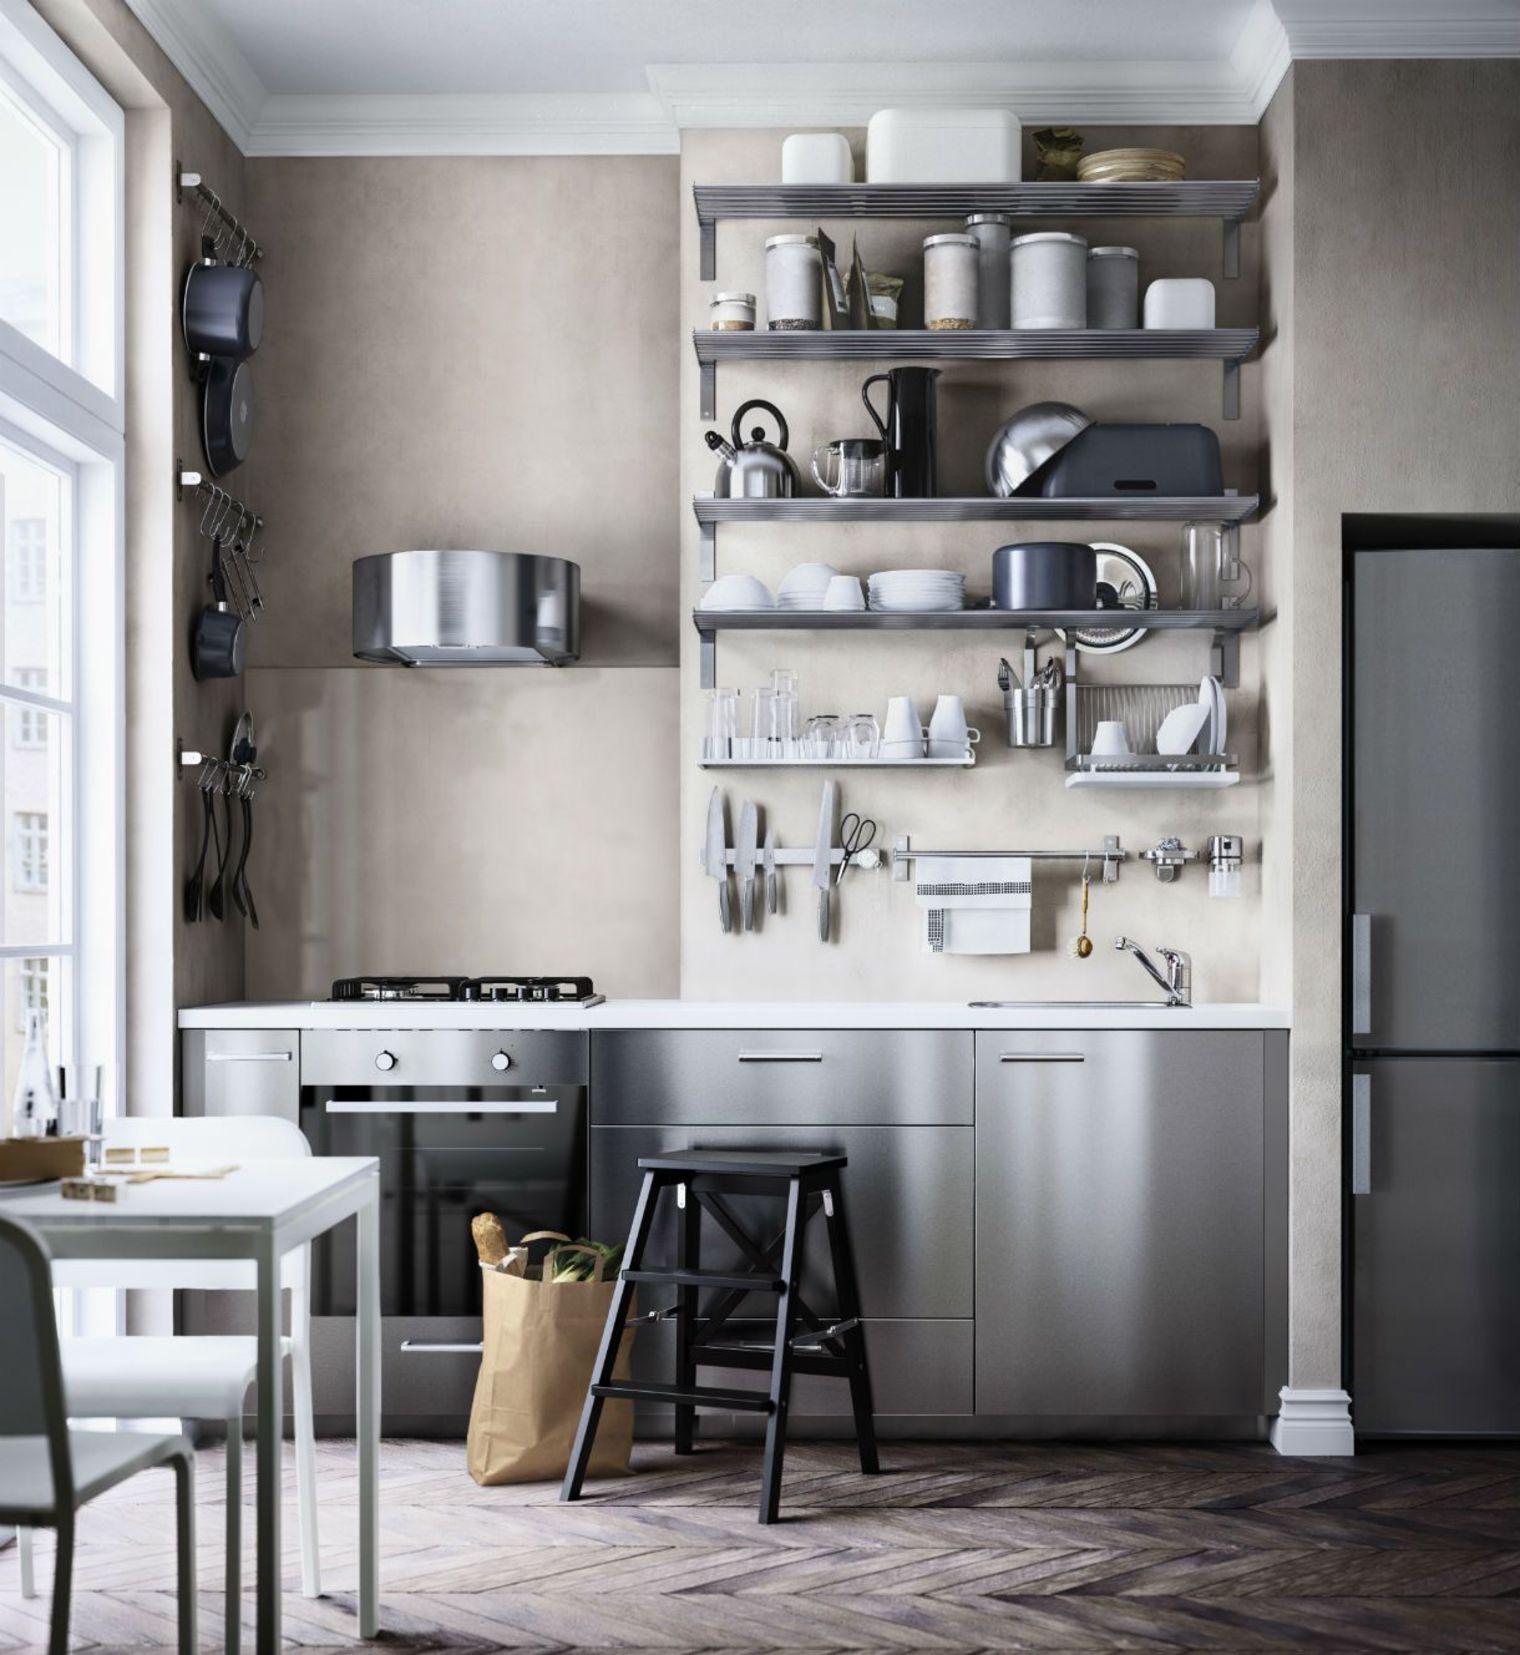 Carrelage Mural Cuisine Ikea petite étagère murale pour cuisine - cuisine : idées de